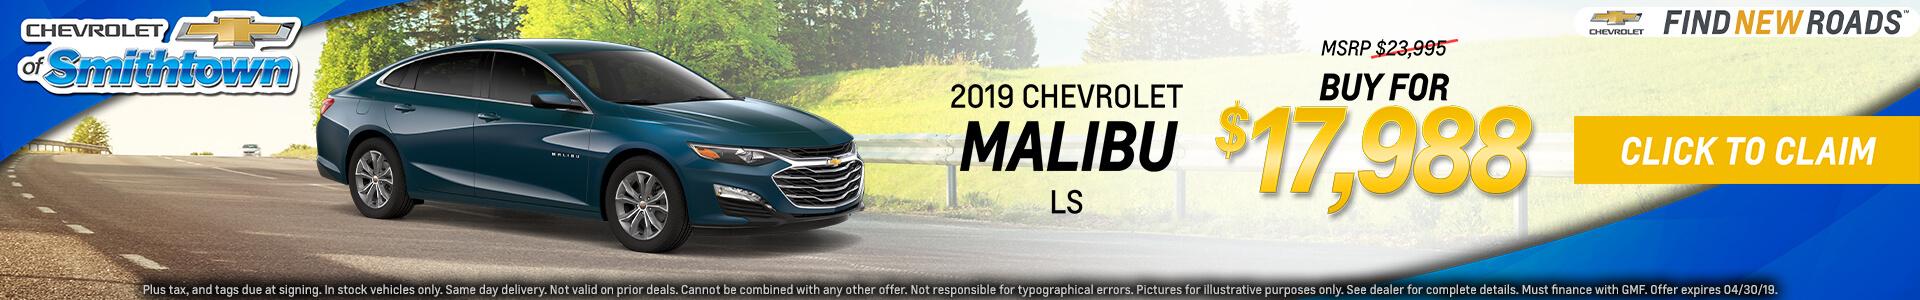 Chevrolet Malibu $17,988